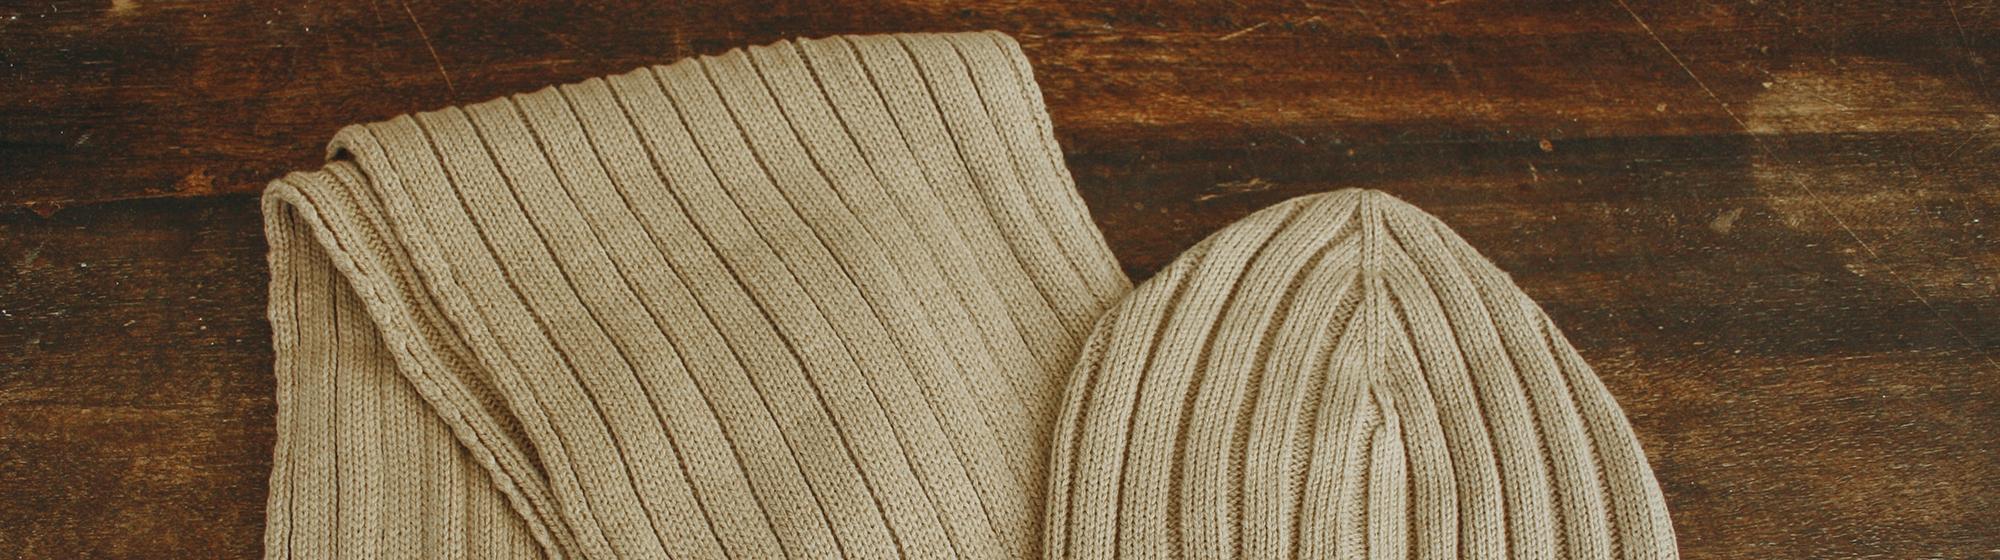 Condor Textiles